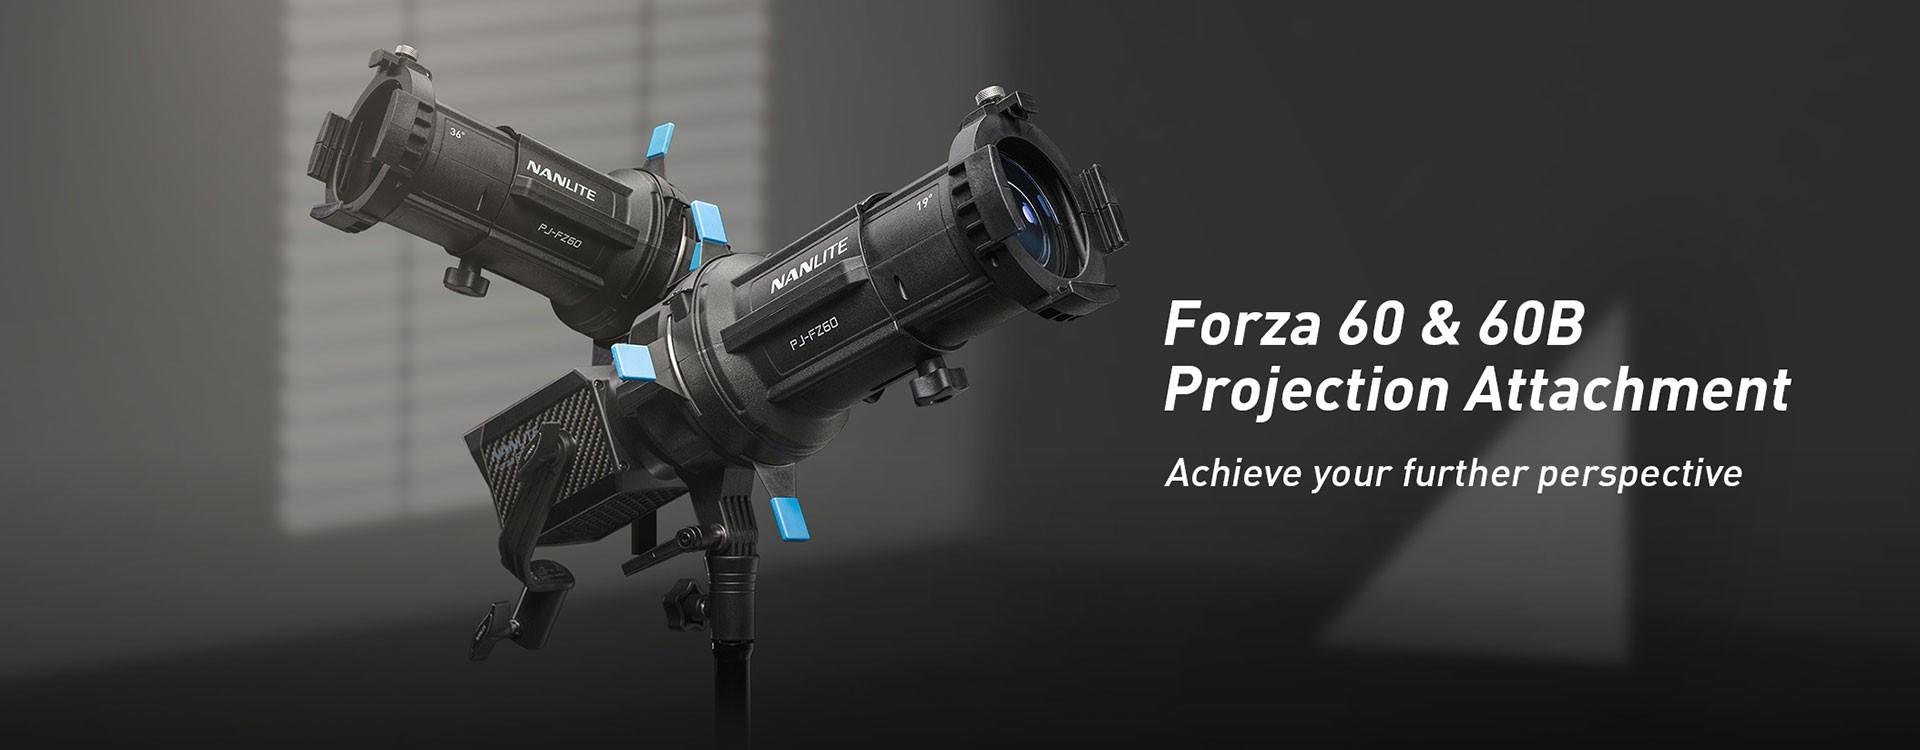 Nanlite booste l'impact créatif de ses Forza 60 et 60B avec l'ajout d'un tout nouvel accessoire de projection